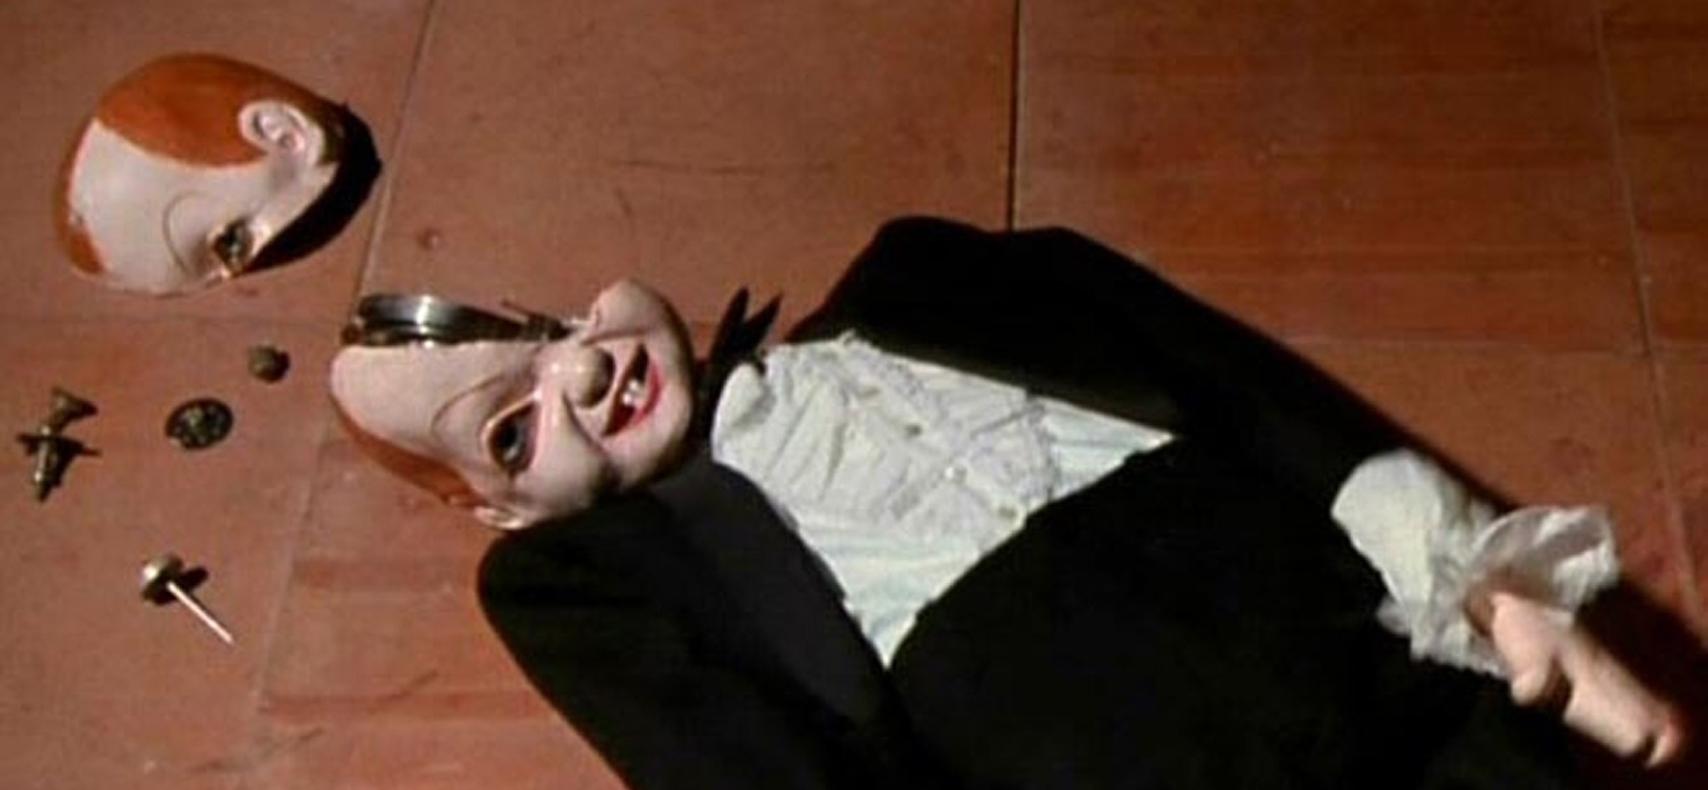 22. Prelúdio Para Matar (1975)